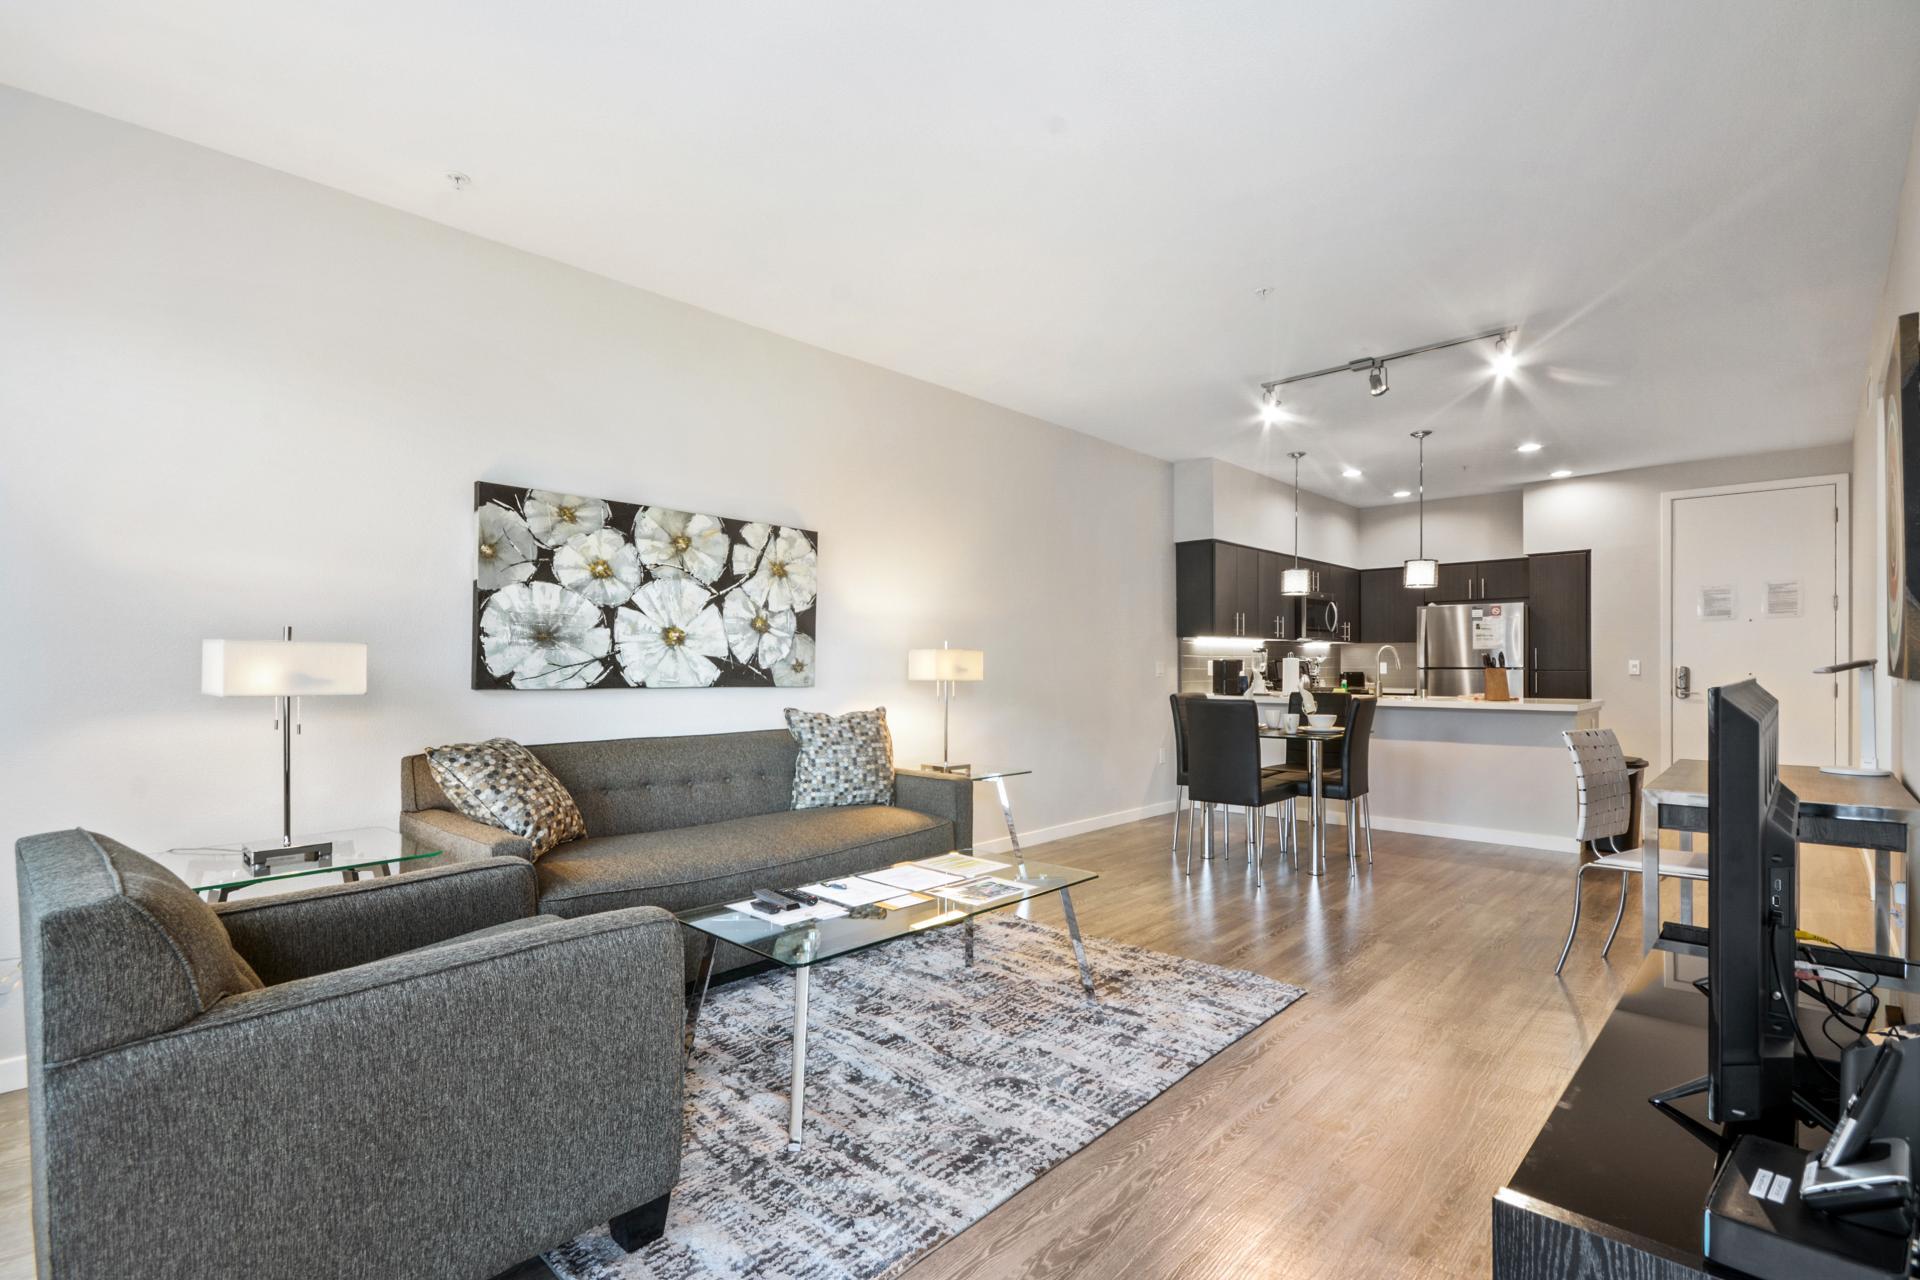 Sofa at Anton Menlo Apartments, Friendly Acres, Menlo Park